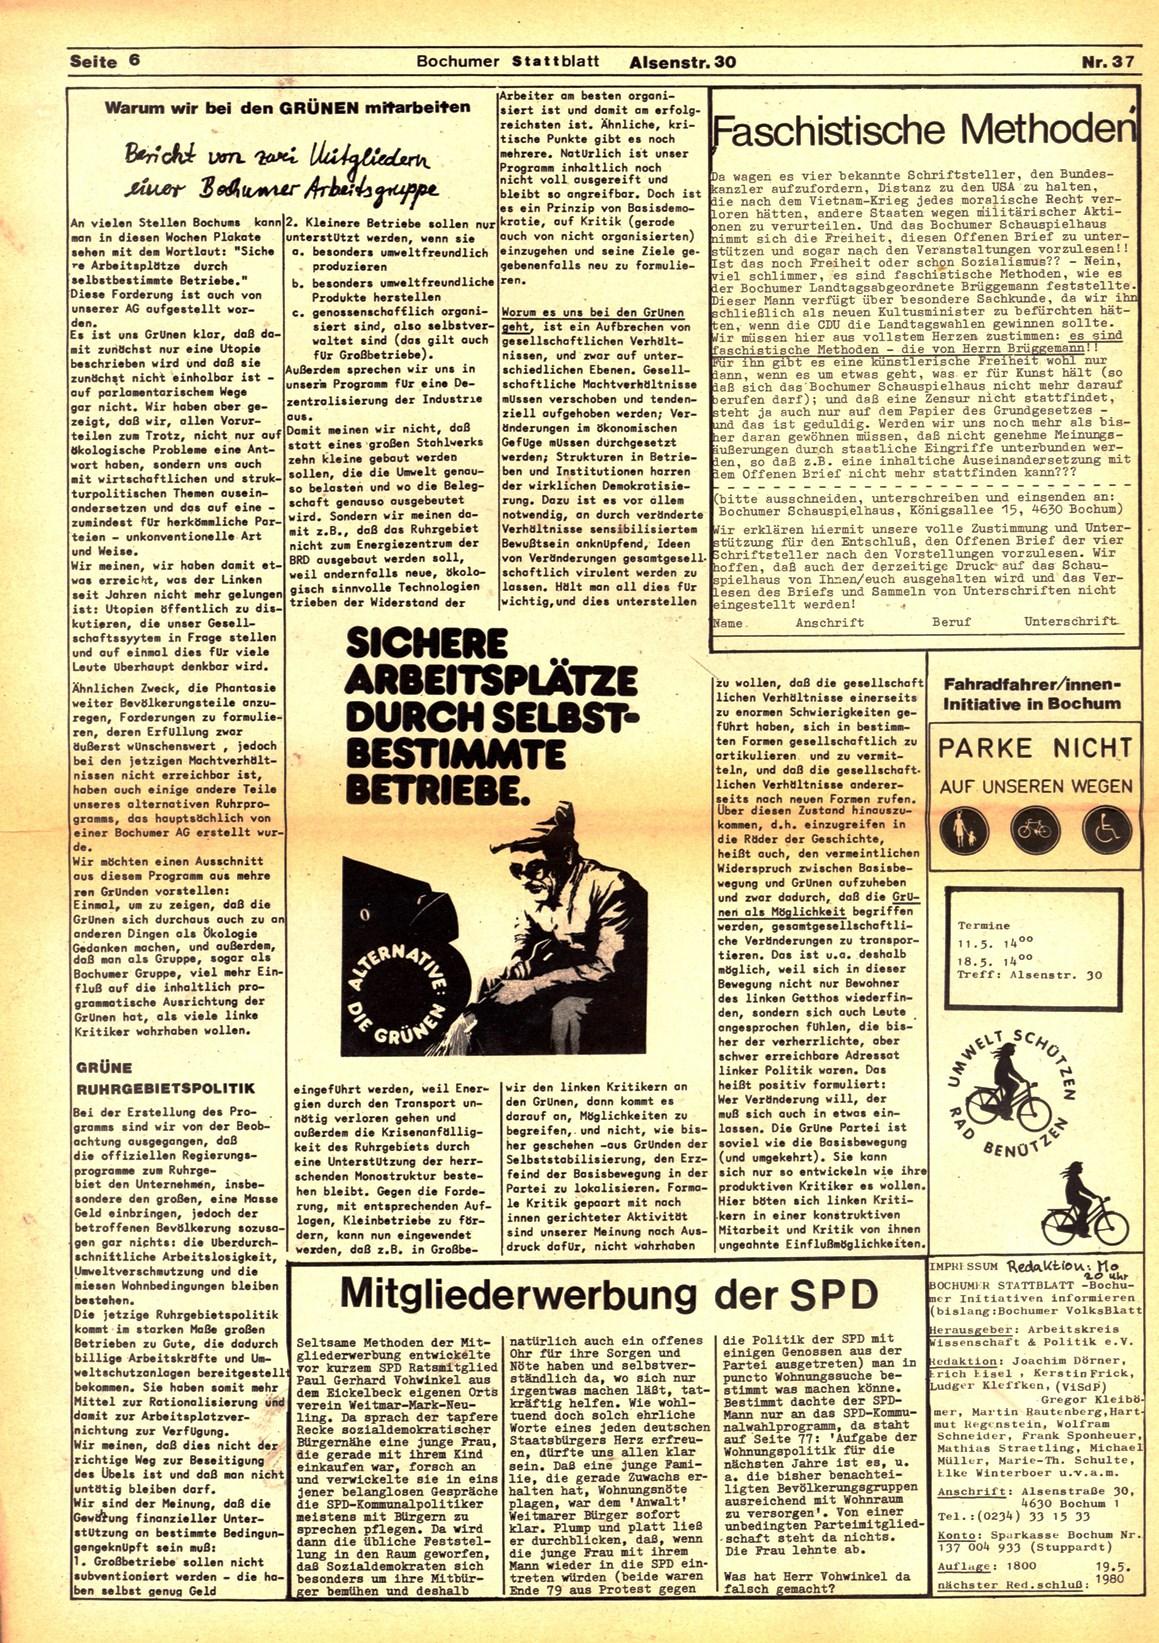 Bochum_Stattblatt_19800500_37_06